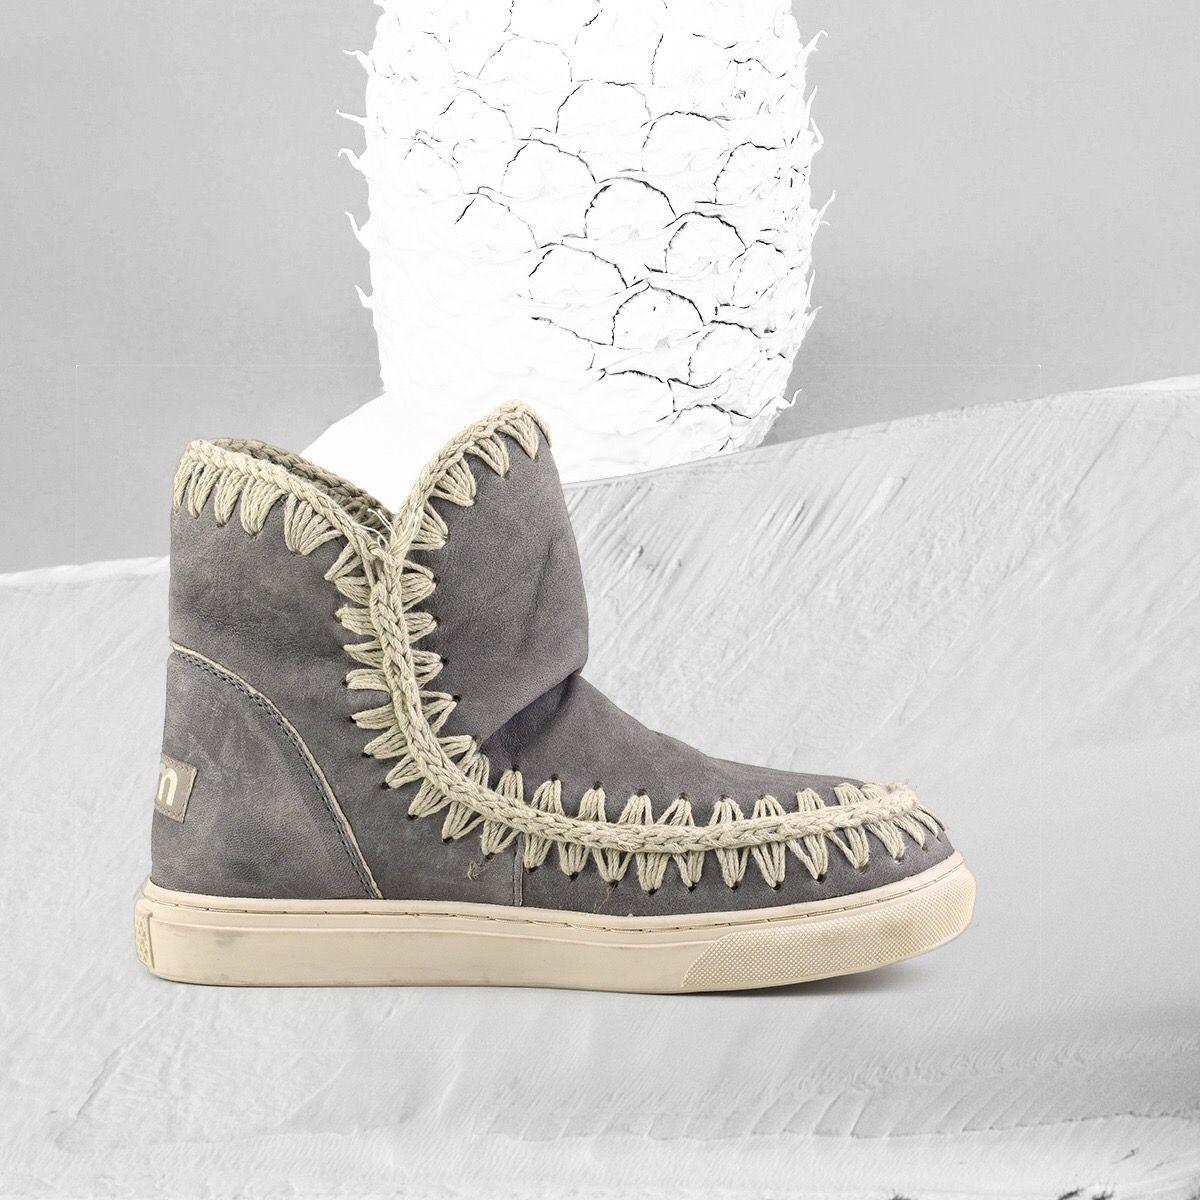 Sneaker MOU Donna Eskimo 18 perforated flower Obtener Nuevos Envío Libre En Italia La Libre Elección De Envío Dw6ImunGP